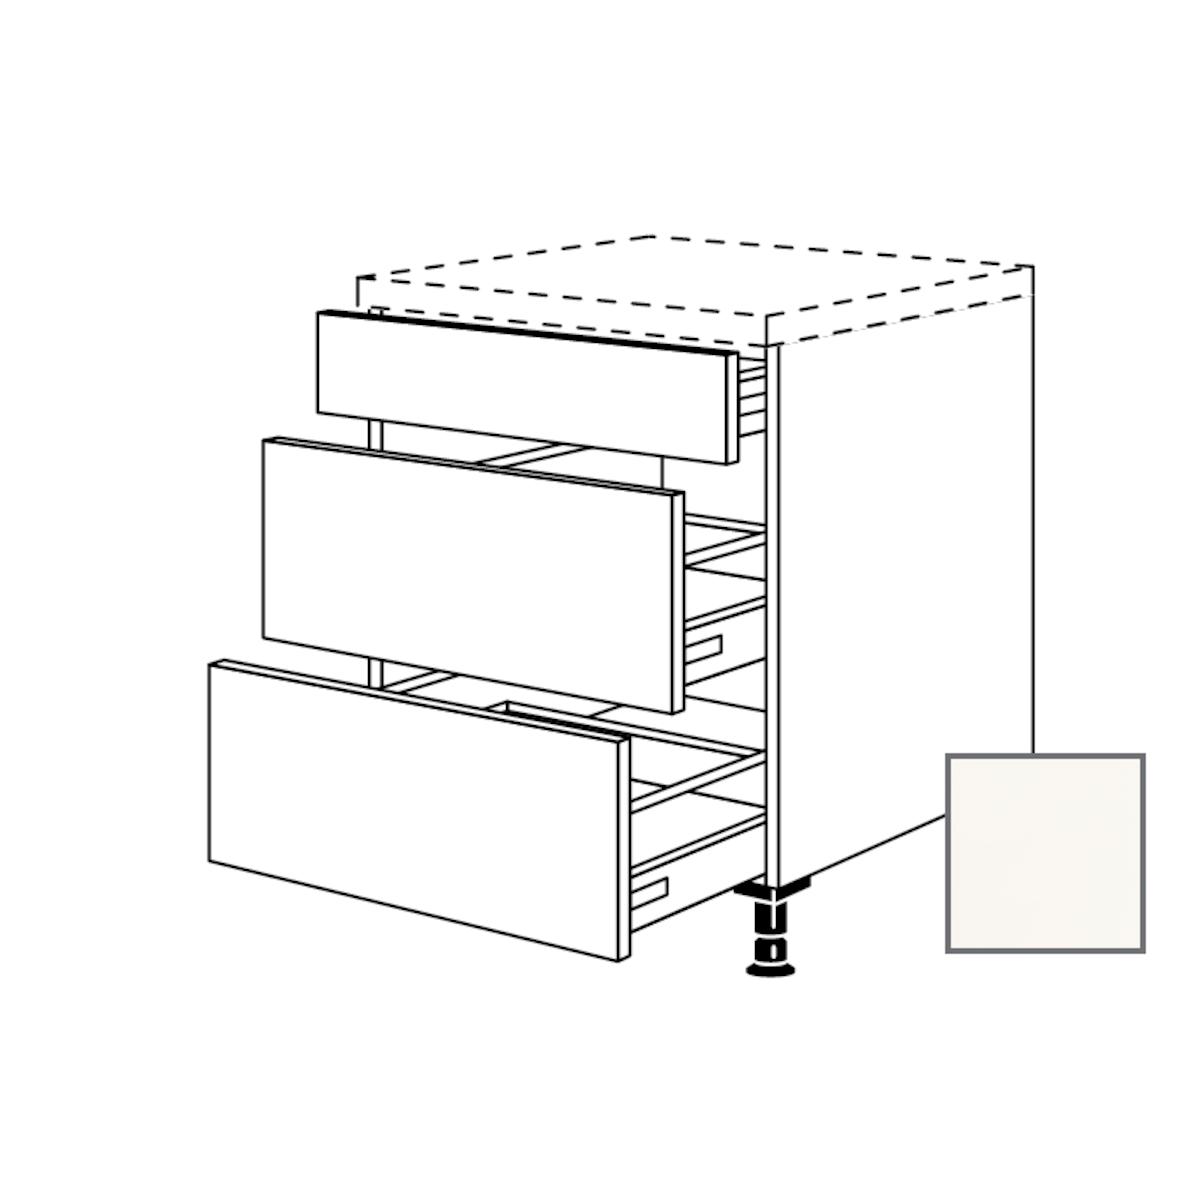 Spodní kuchyňská skříňka spodní Naturel Erika24 zásuvková 60x87x56 cm bílá lesk 450.UA60